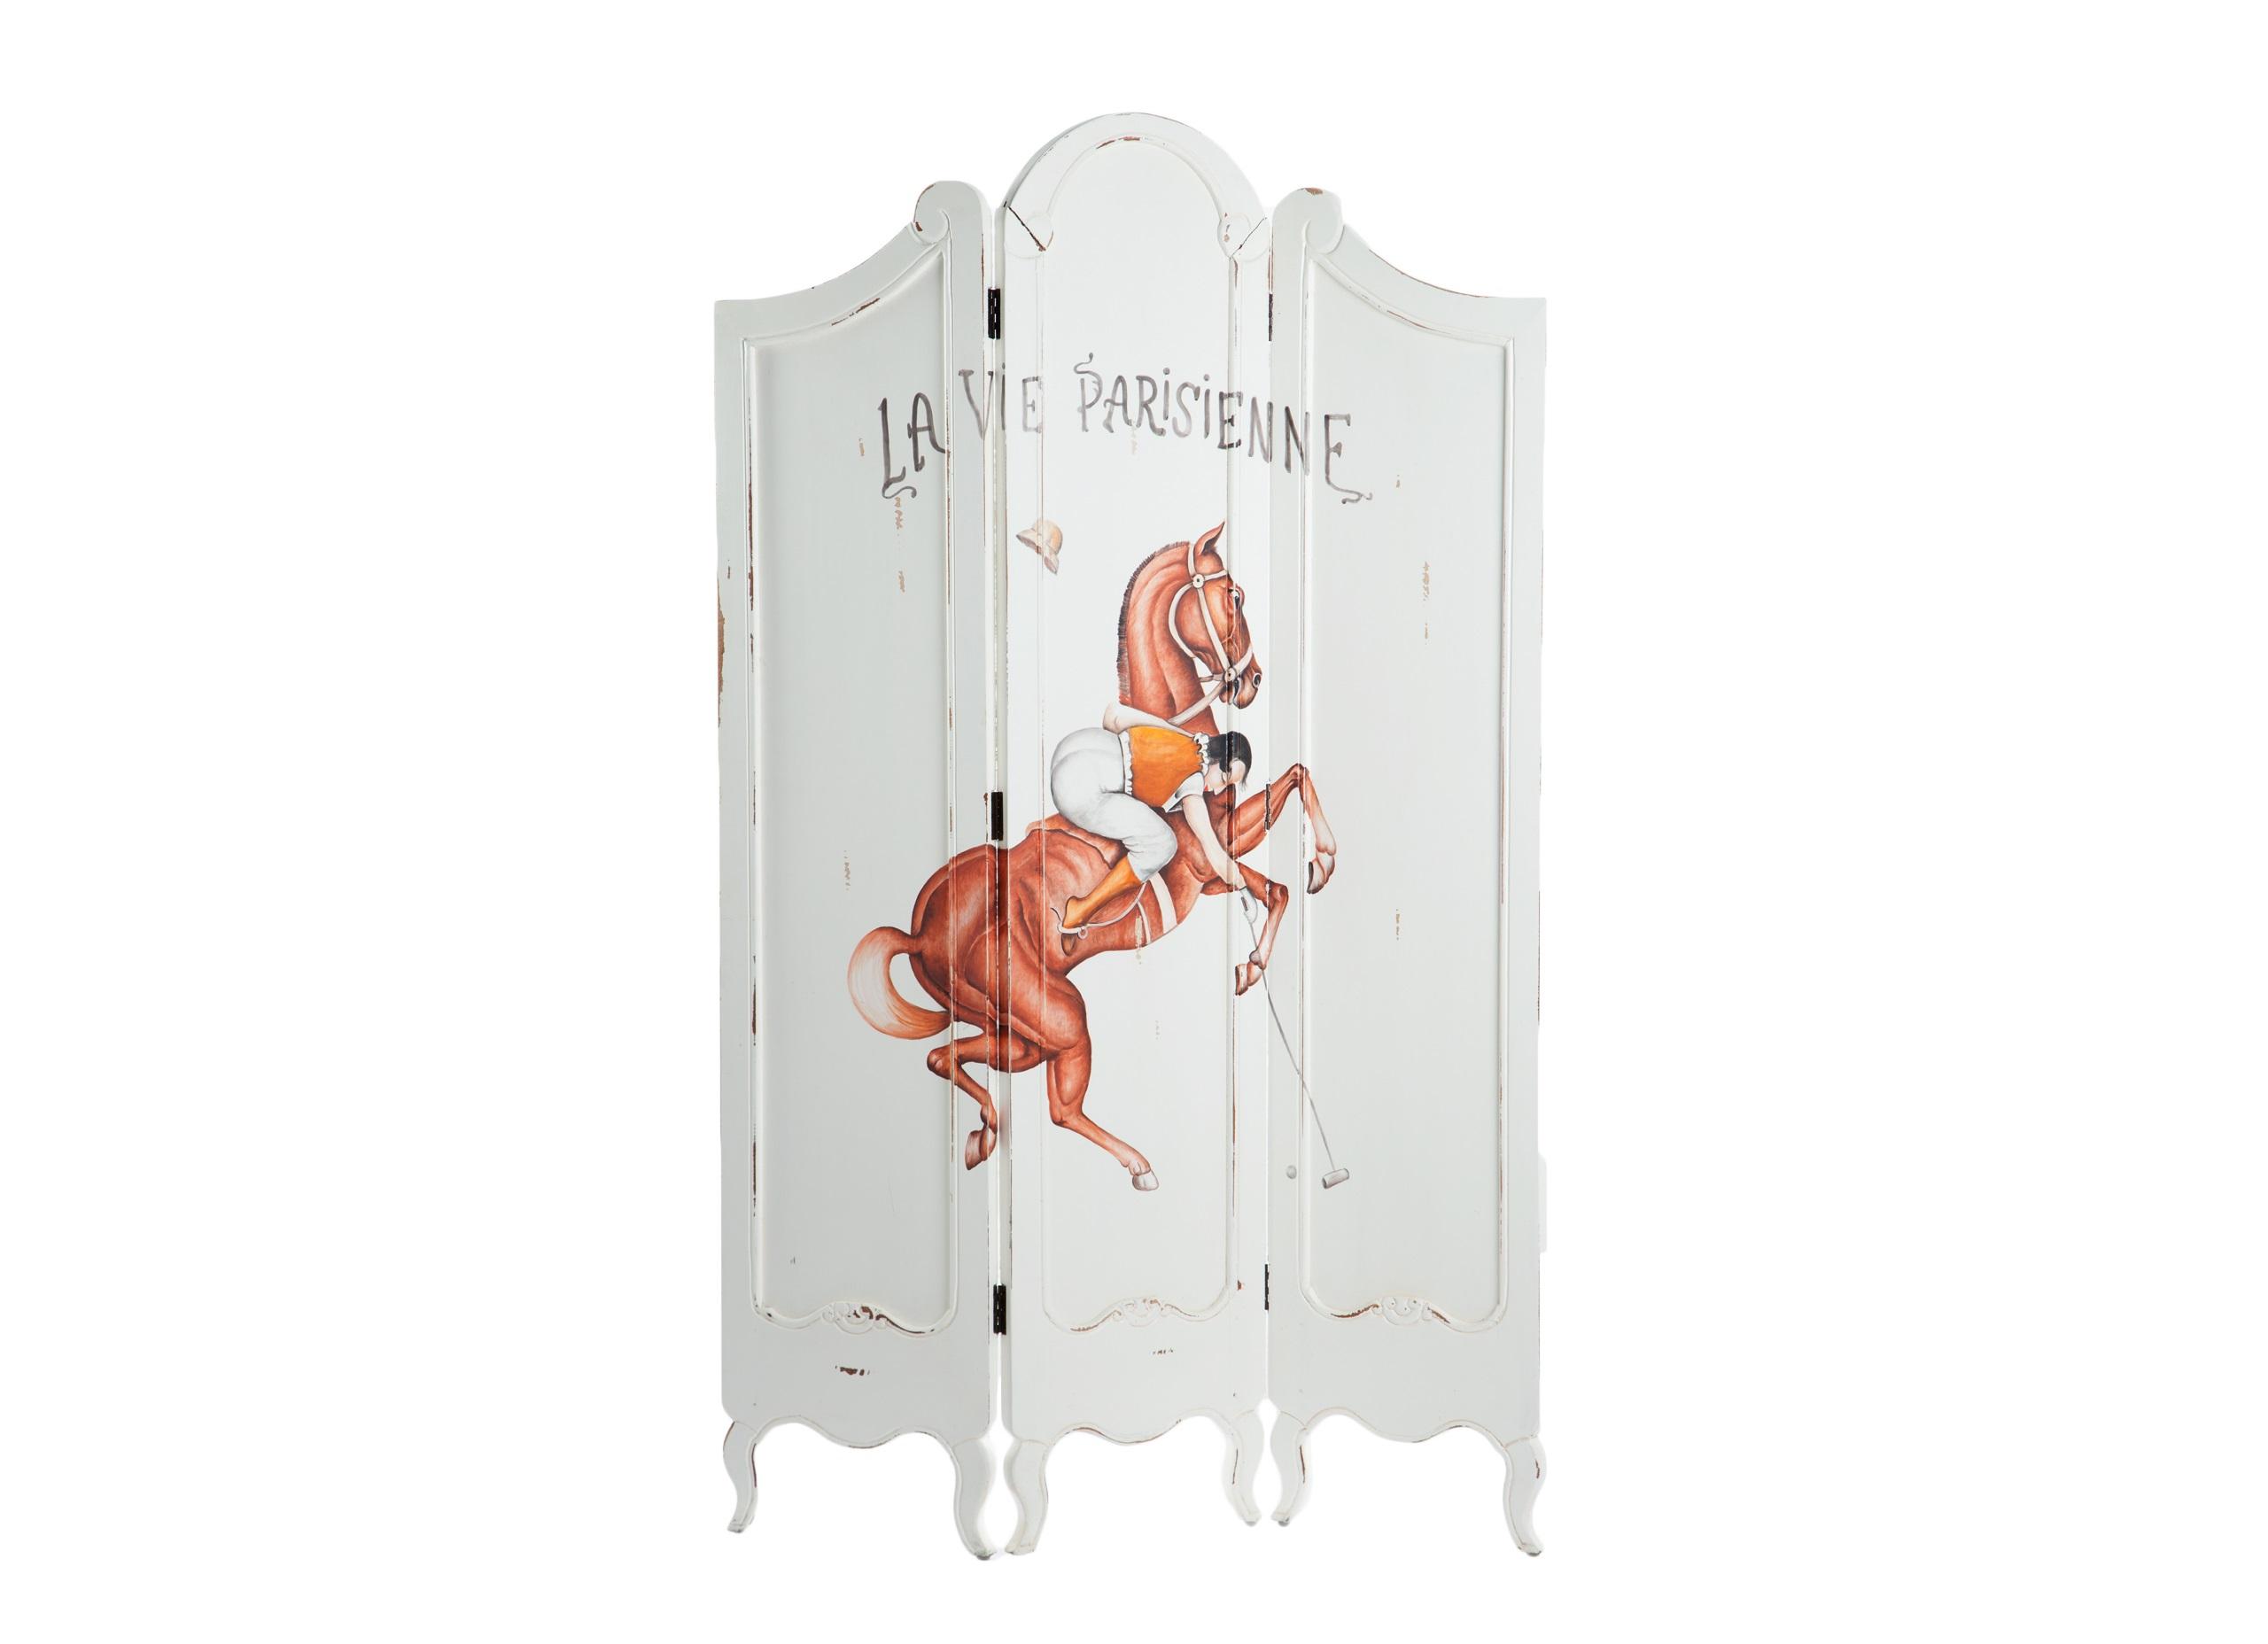 ШирмаШирмы<br>Ширма из трех створок из дерева махагони, украшена росписью ручной работы (рисунок La vie parisienne) и старением.<br><br>Material: Красное дерево<br>Width см: 120<br>Depth см: 3<br>Height см: 190